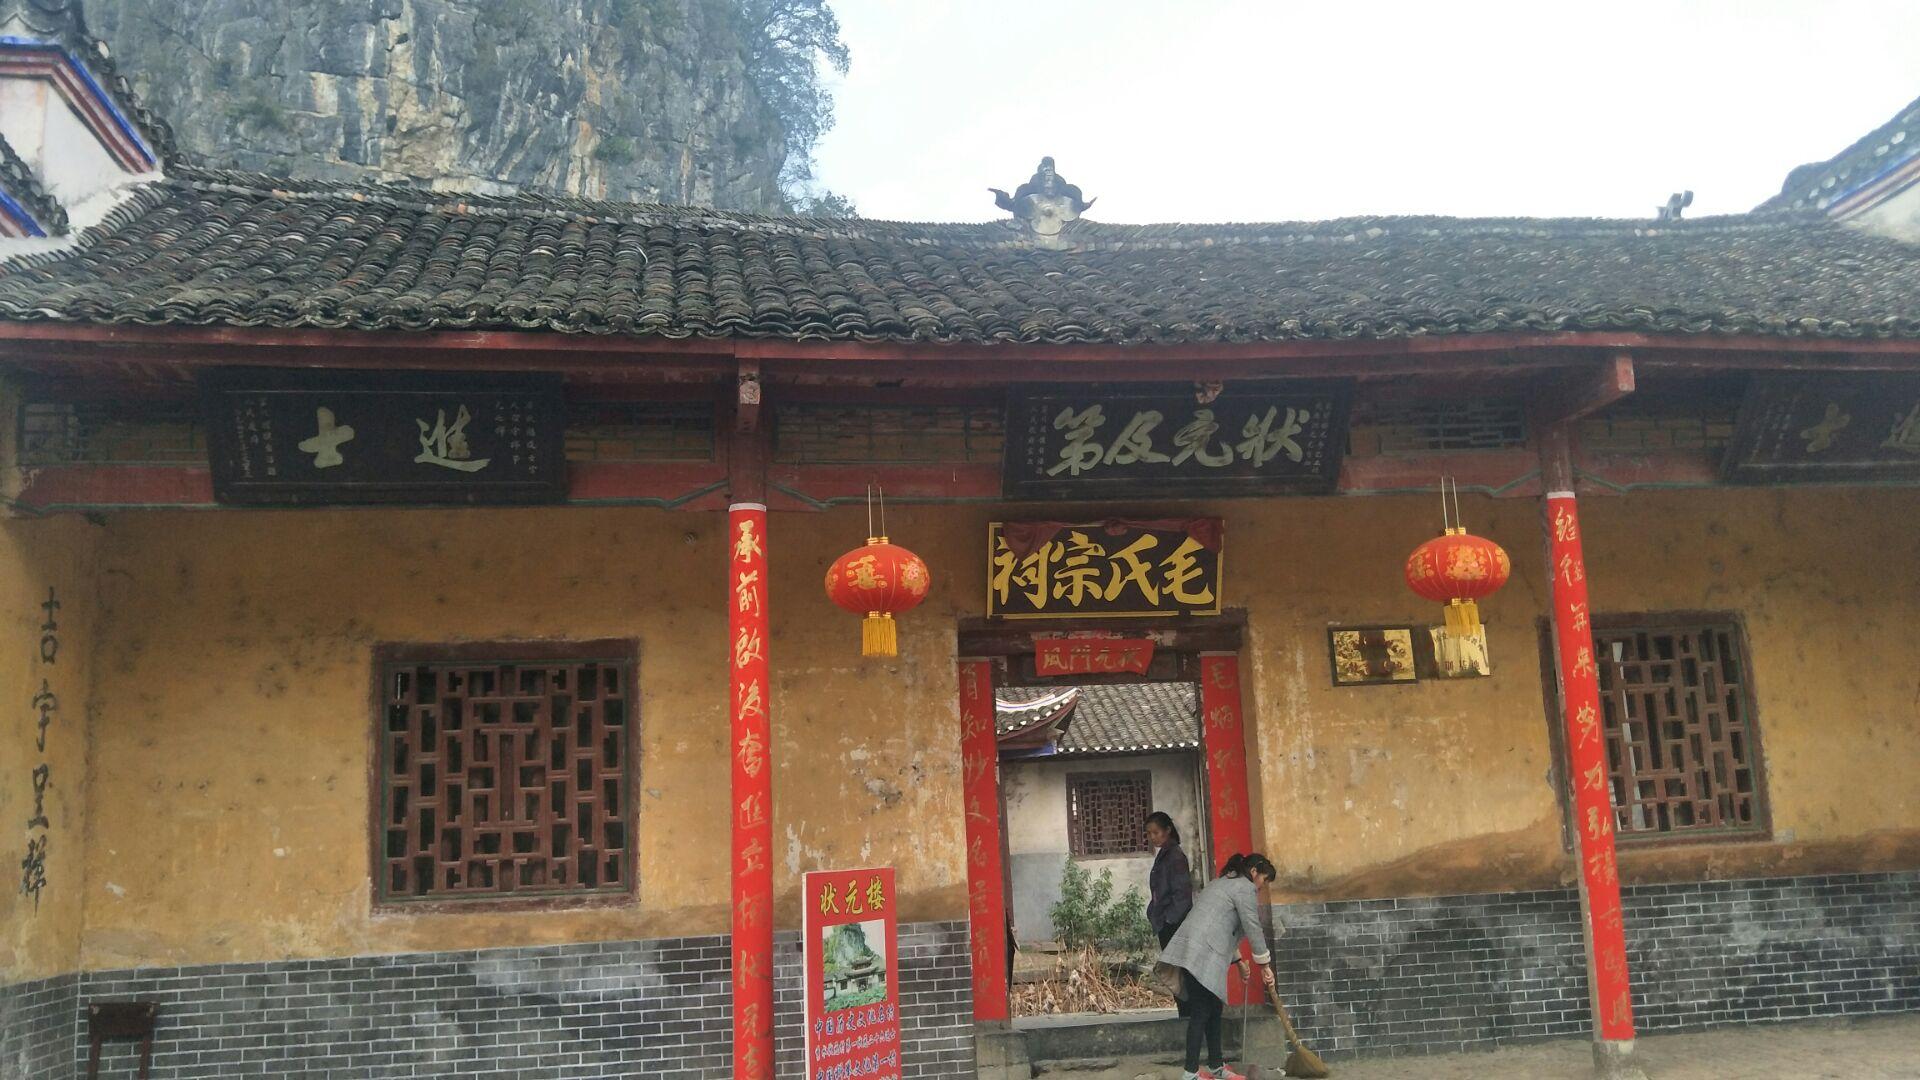 Zhuangyuan Building